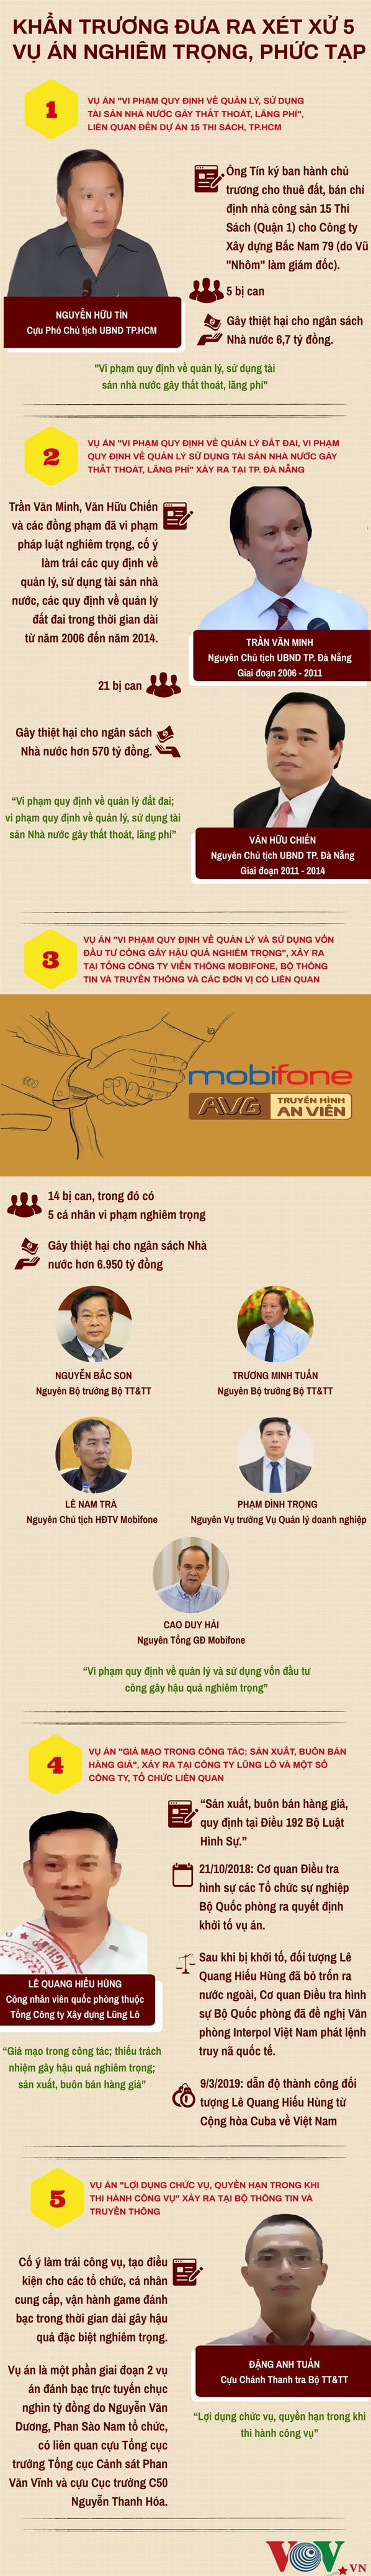 Infographic: 5 vụ án được Tổng Bí thư, Chủ tịch nước chỉ đạo sớm đưa ra xét xử